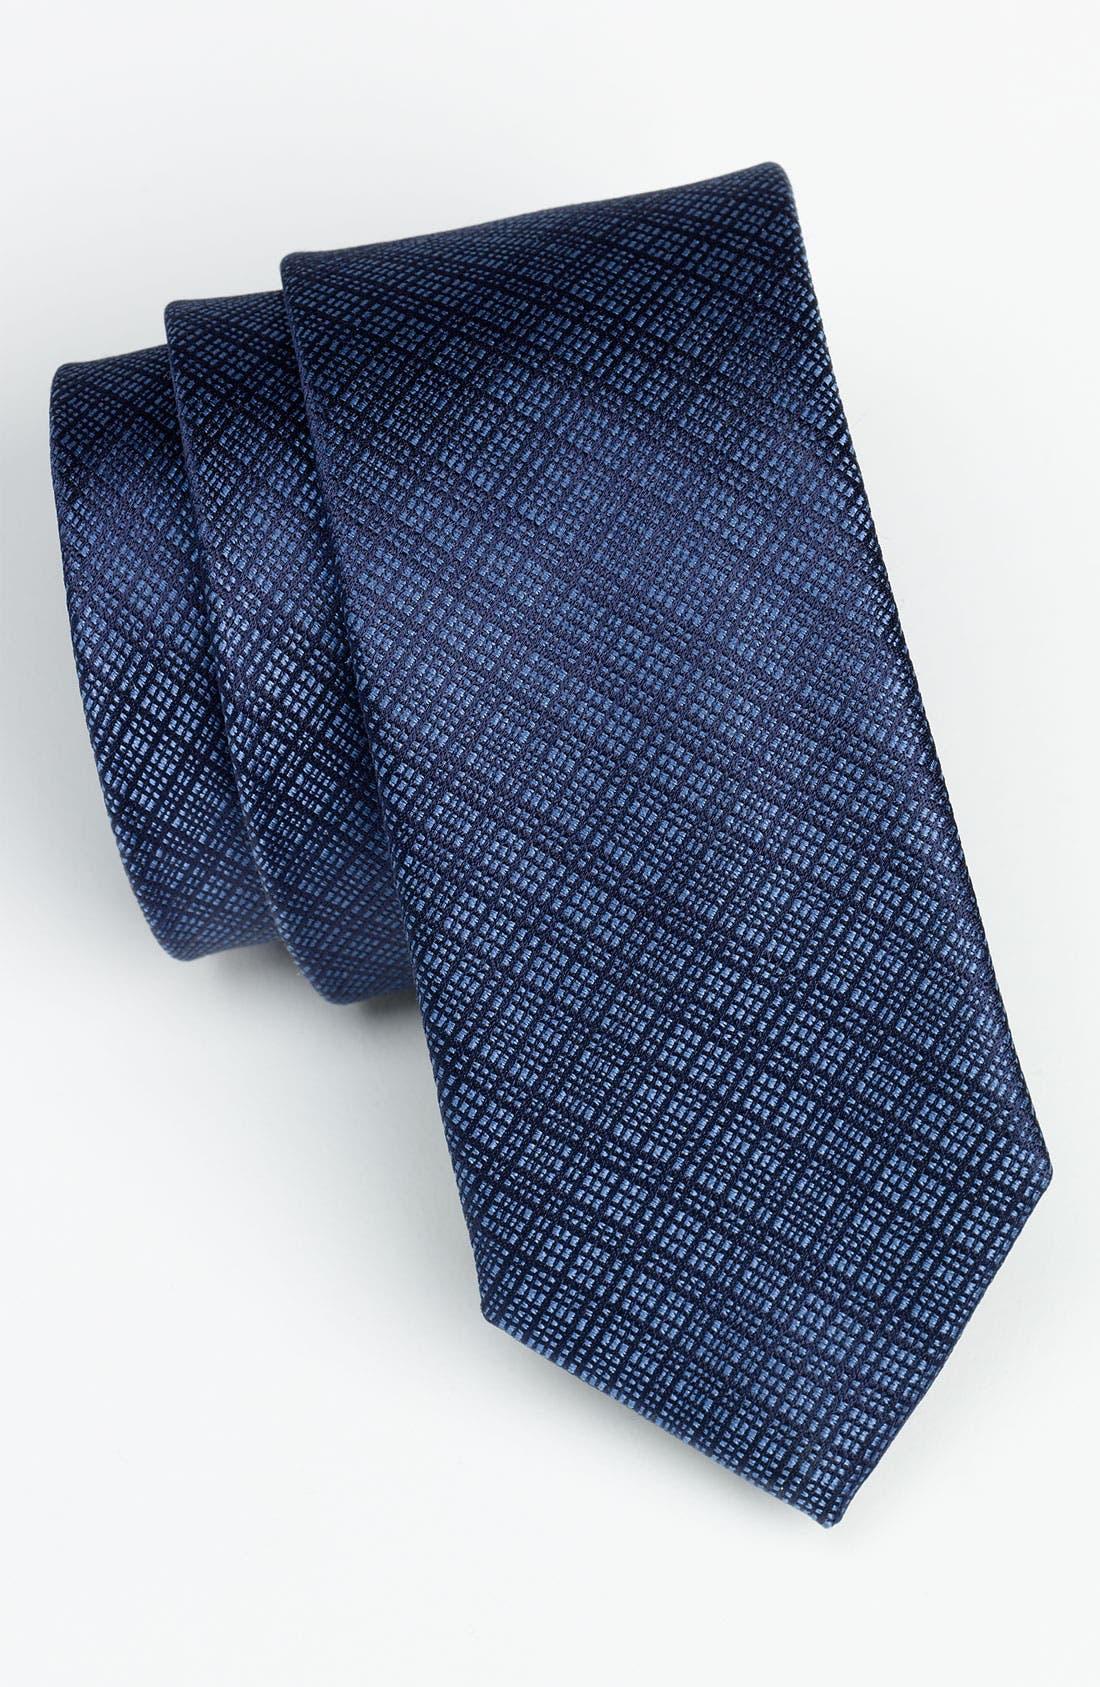 Alternate Image 1 Selected - Calibrate Skinny Silk Tie